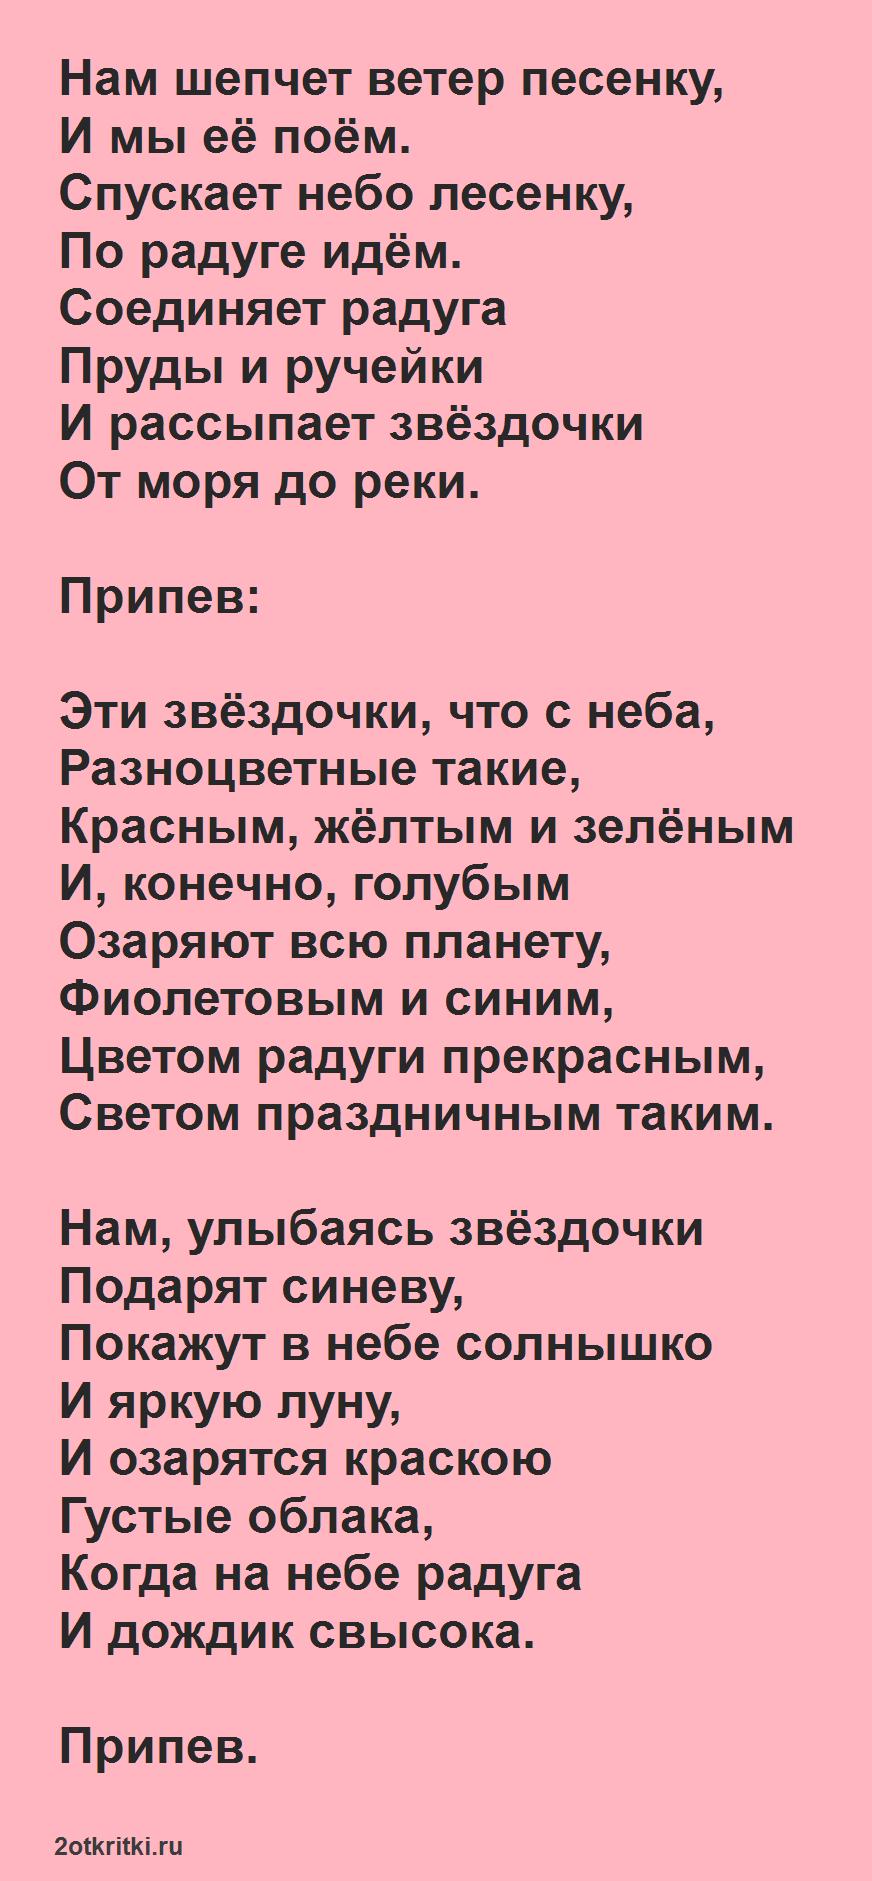 Тексты песен на 1 июня - Радуга